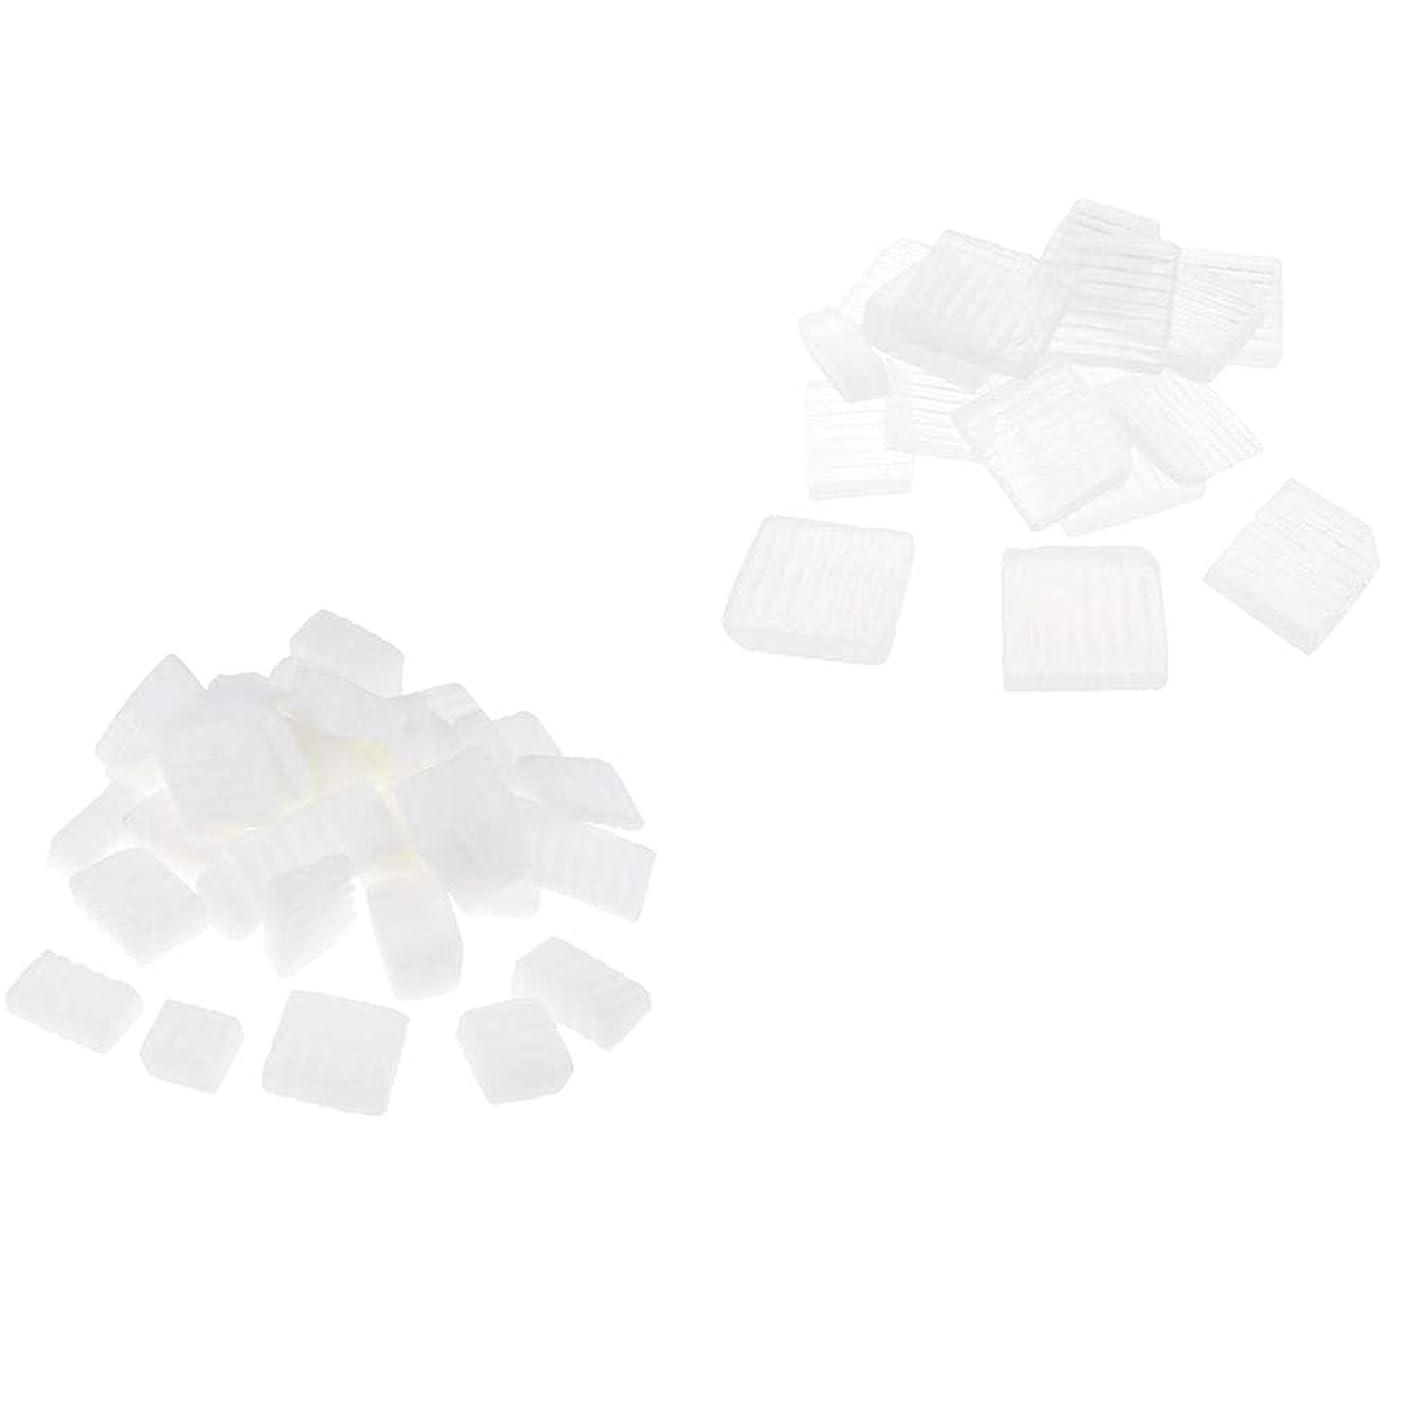 パキスタン人減らす定規D DOLITY 固形せっけん 2KG ホワイトクリア DIY工芸 手作り バス用品 石鹸製造 創造力 2種 混合